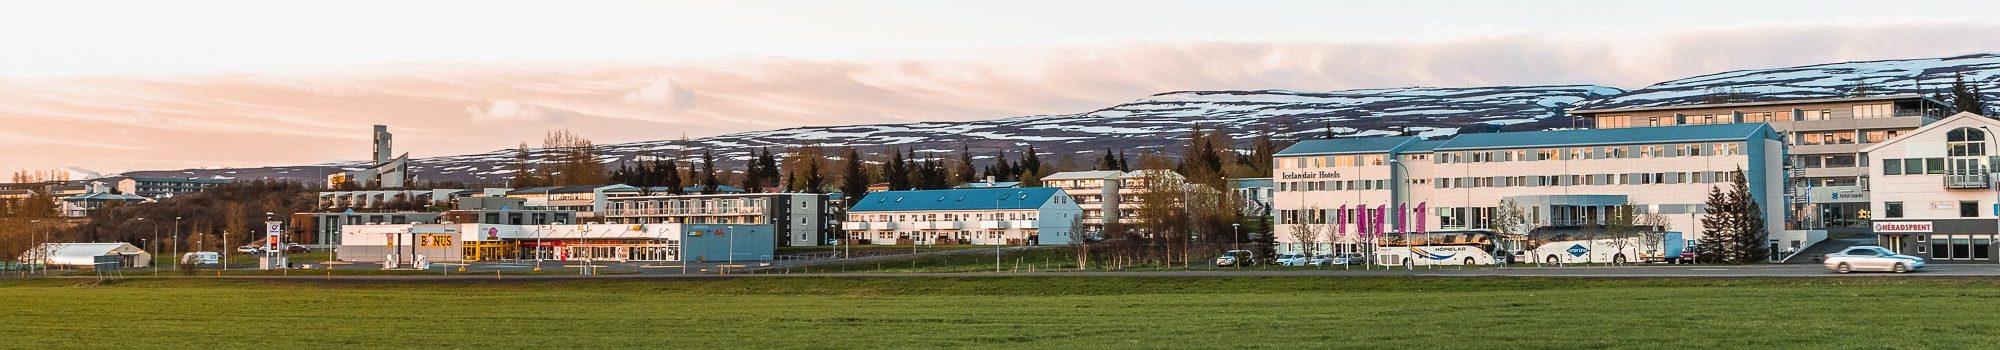 Egilsstadir city in Iceland